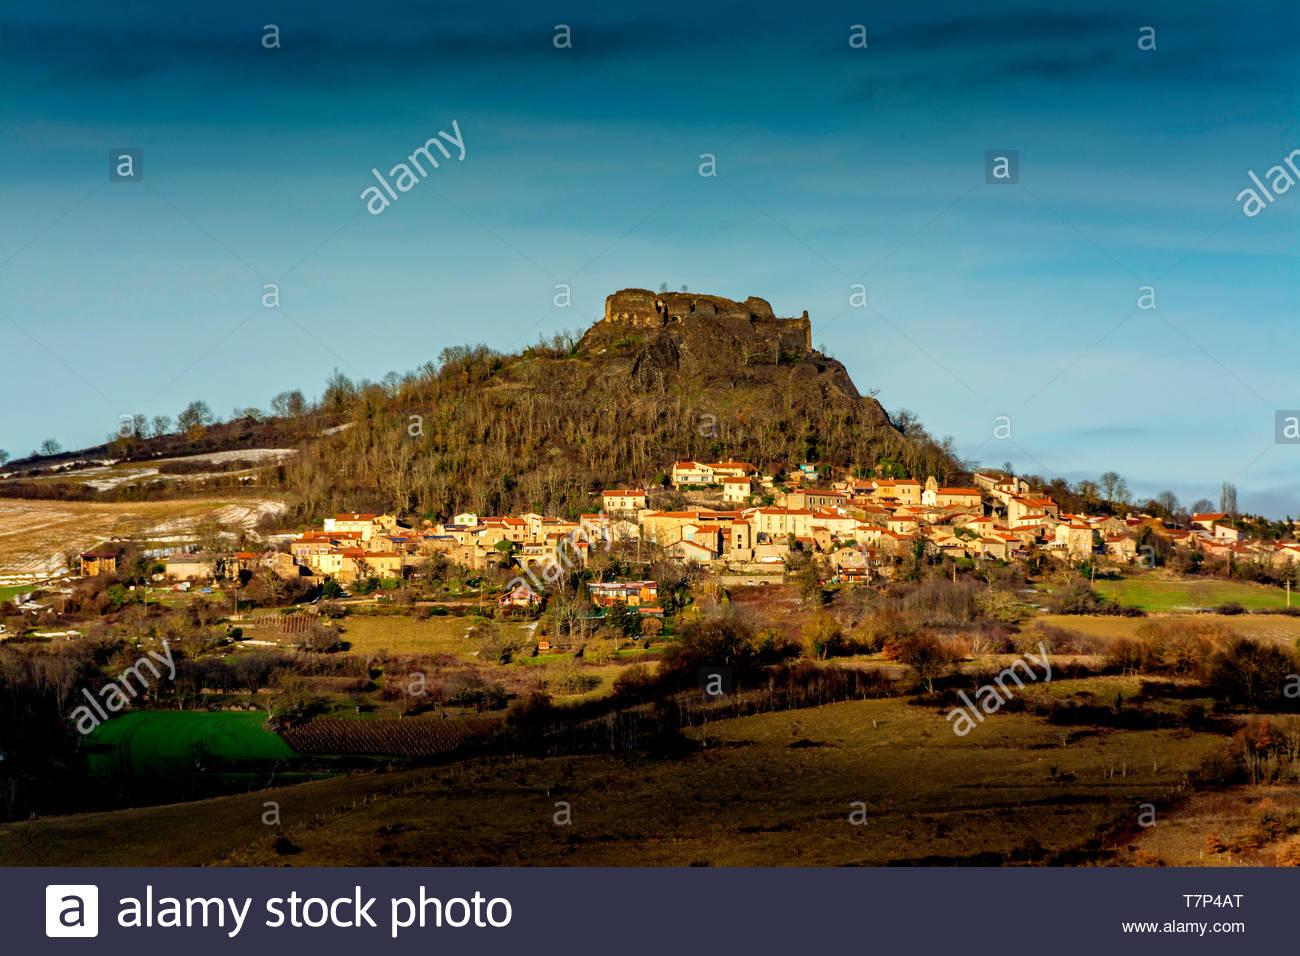 Village of Buron, Puy de Dome, Auvergne, France - Stock Image